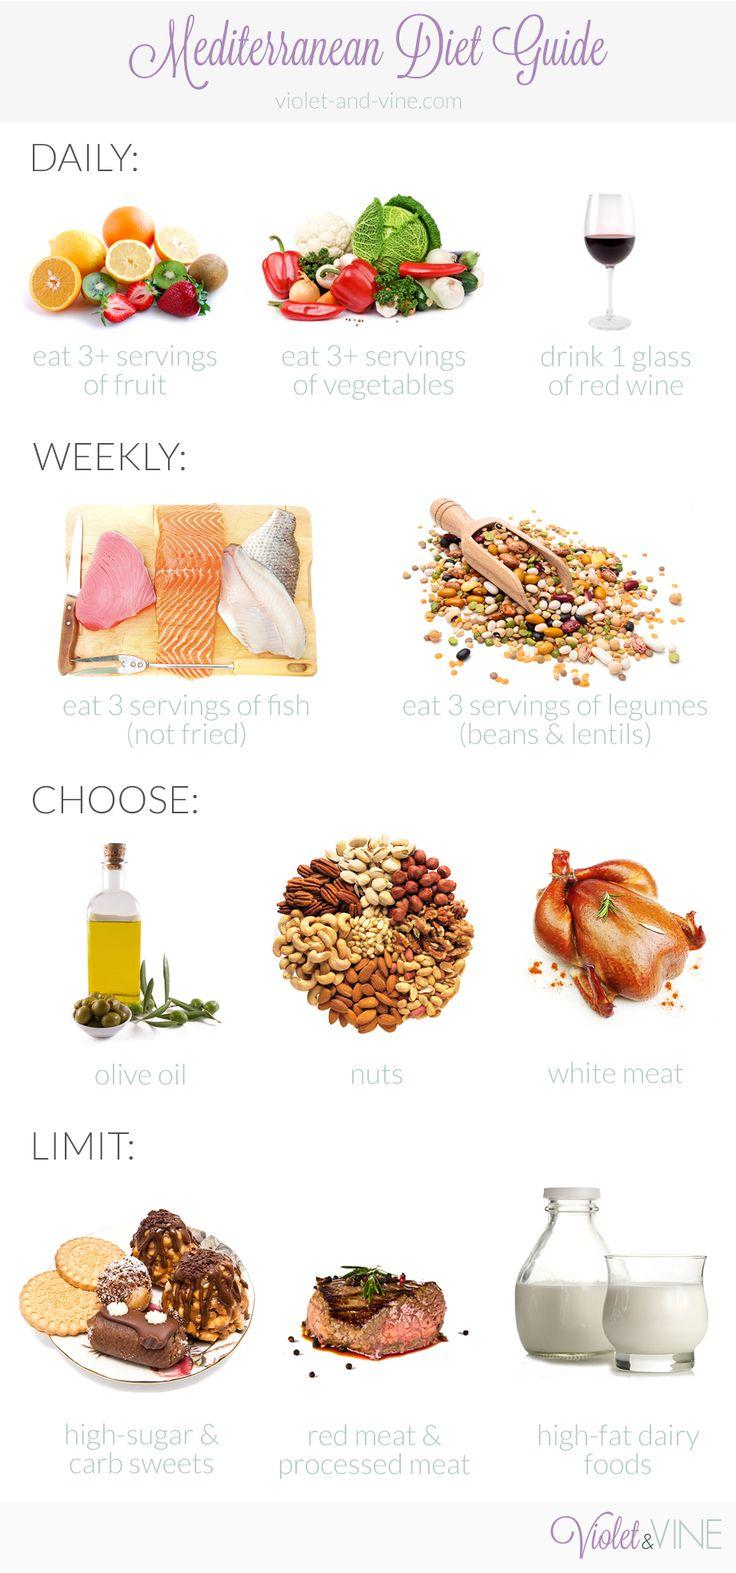 Printable Mediterranean Diet Guide